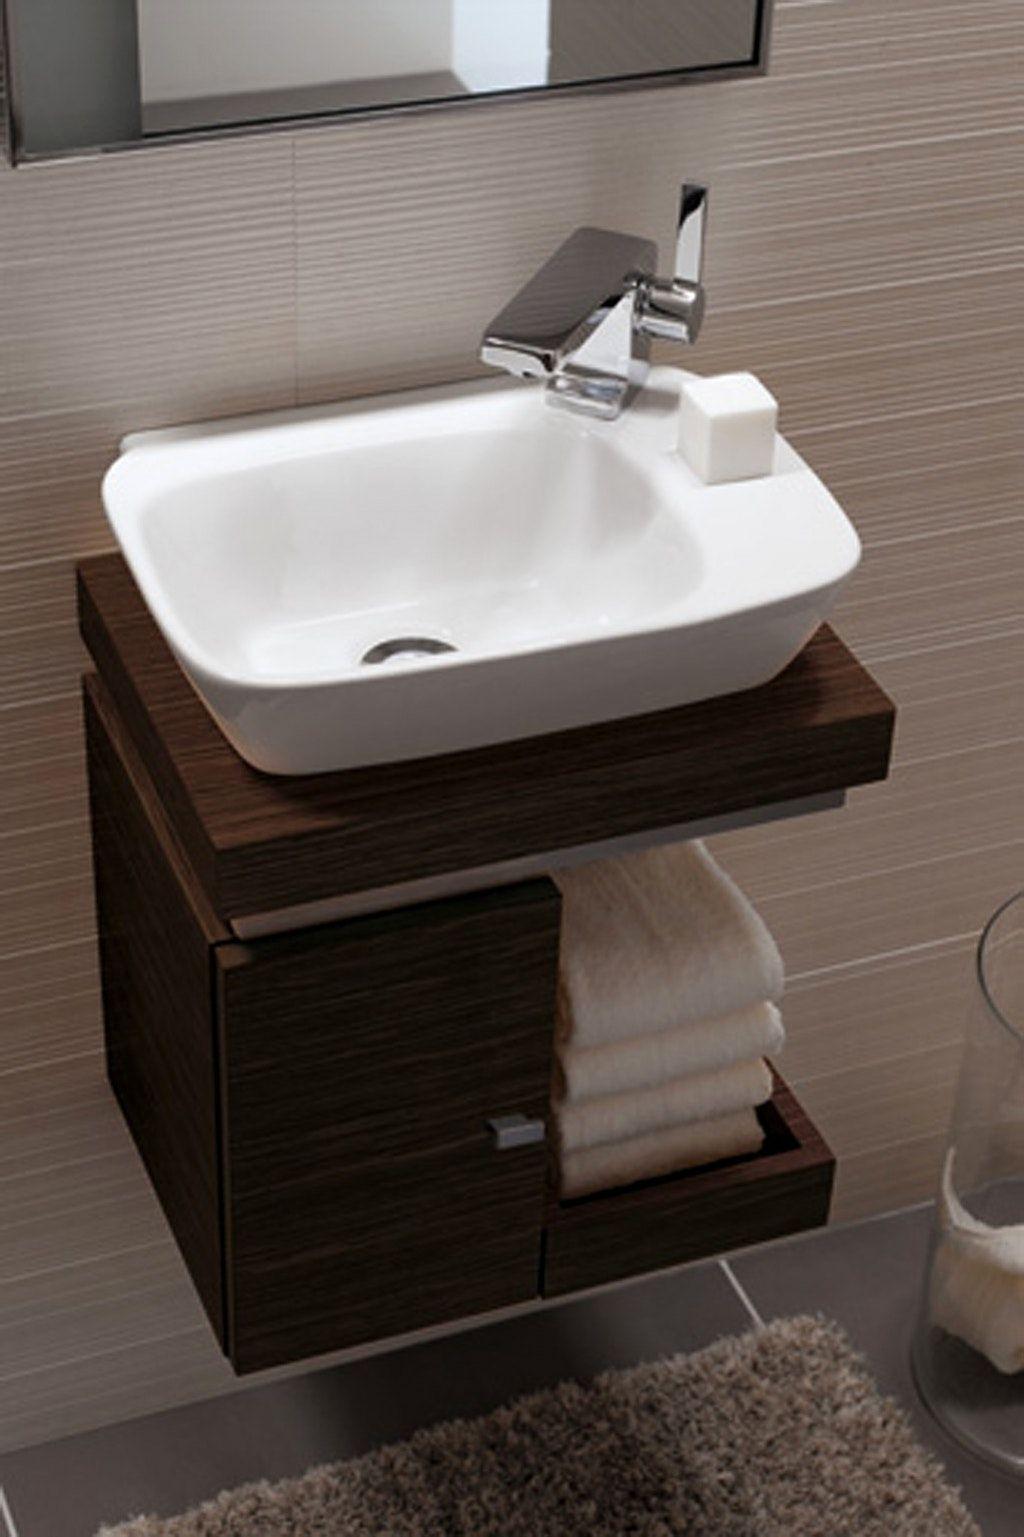 Billig Handwaschbecken Gaste Wc Bagnoprogettazione Billig Gaste In 2020 Wc Waschbecken Handwaschbecken Gaste Wc Waschbecken Gaste Wc